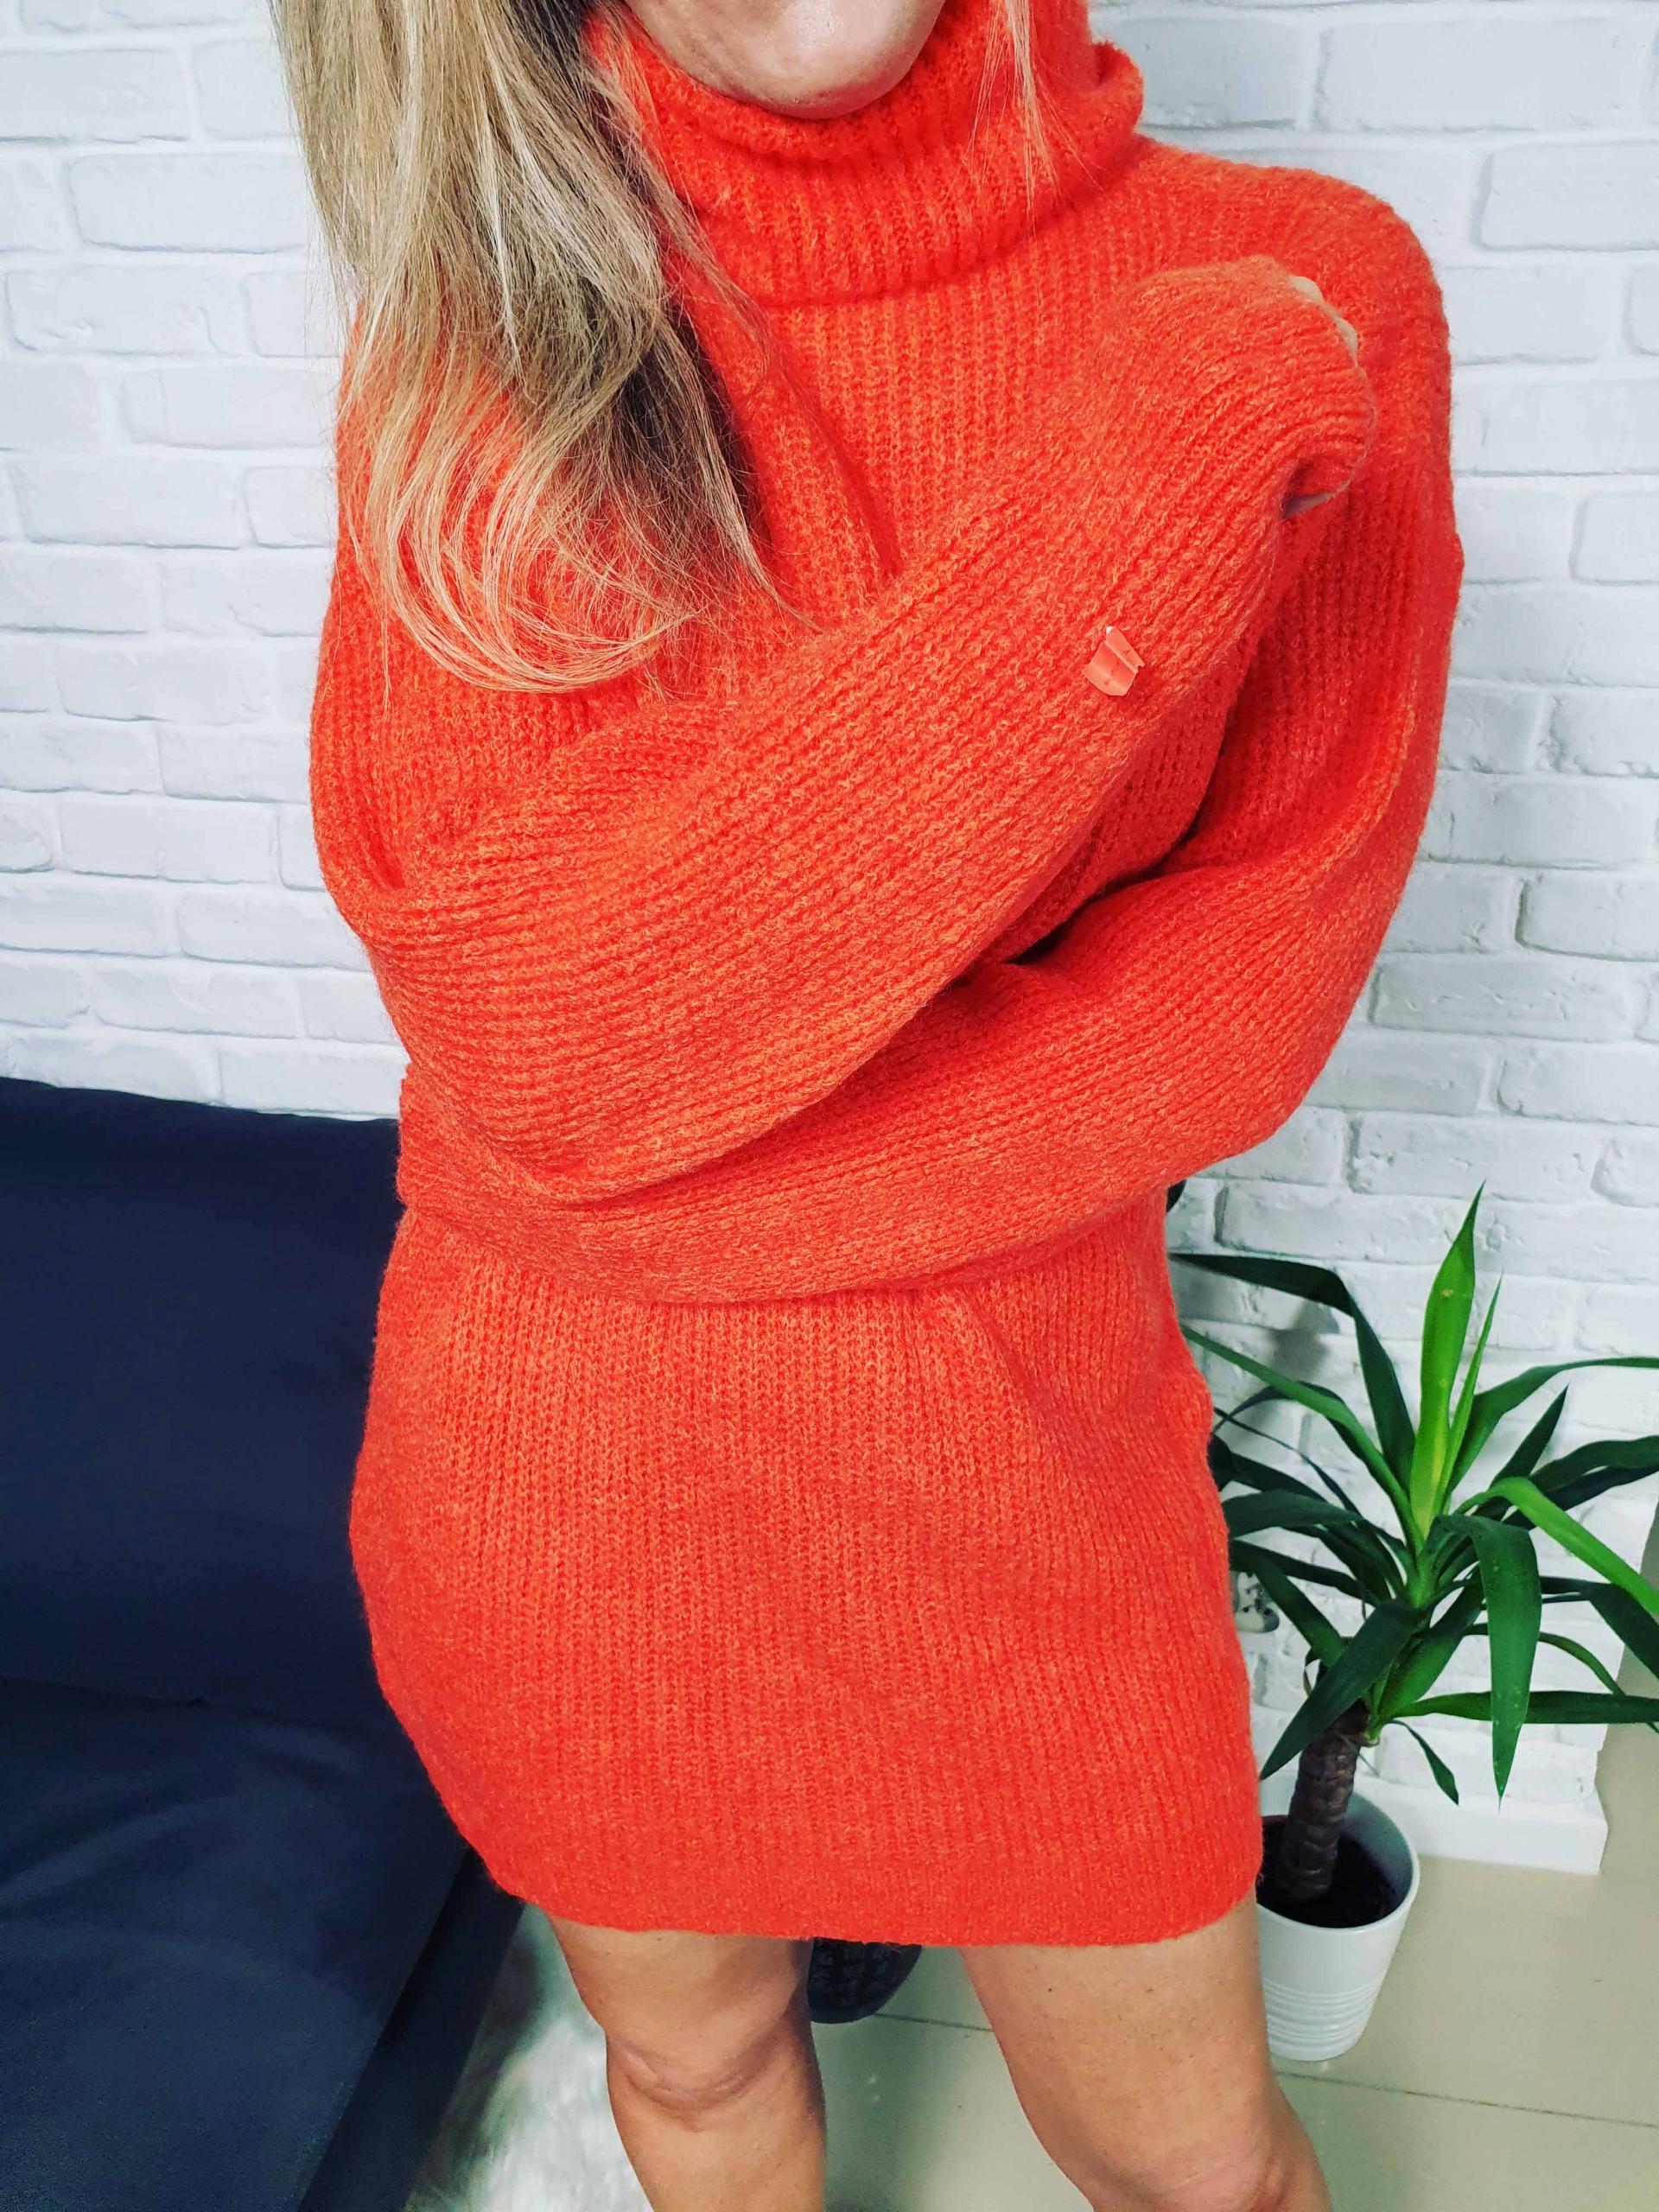 piękny zestaw nowych ubrań ceny hurt s/m